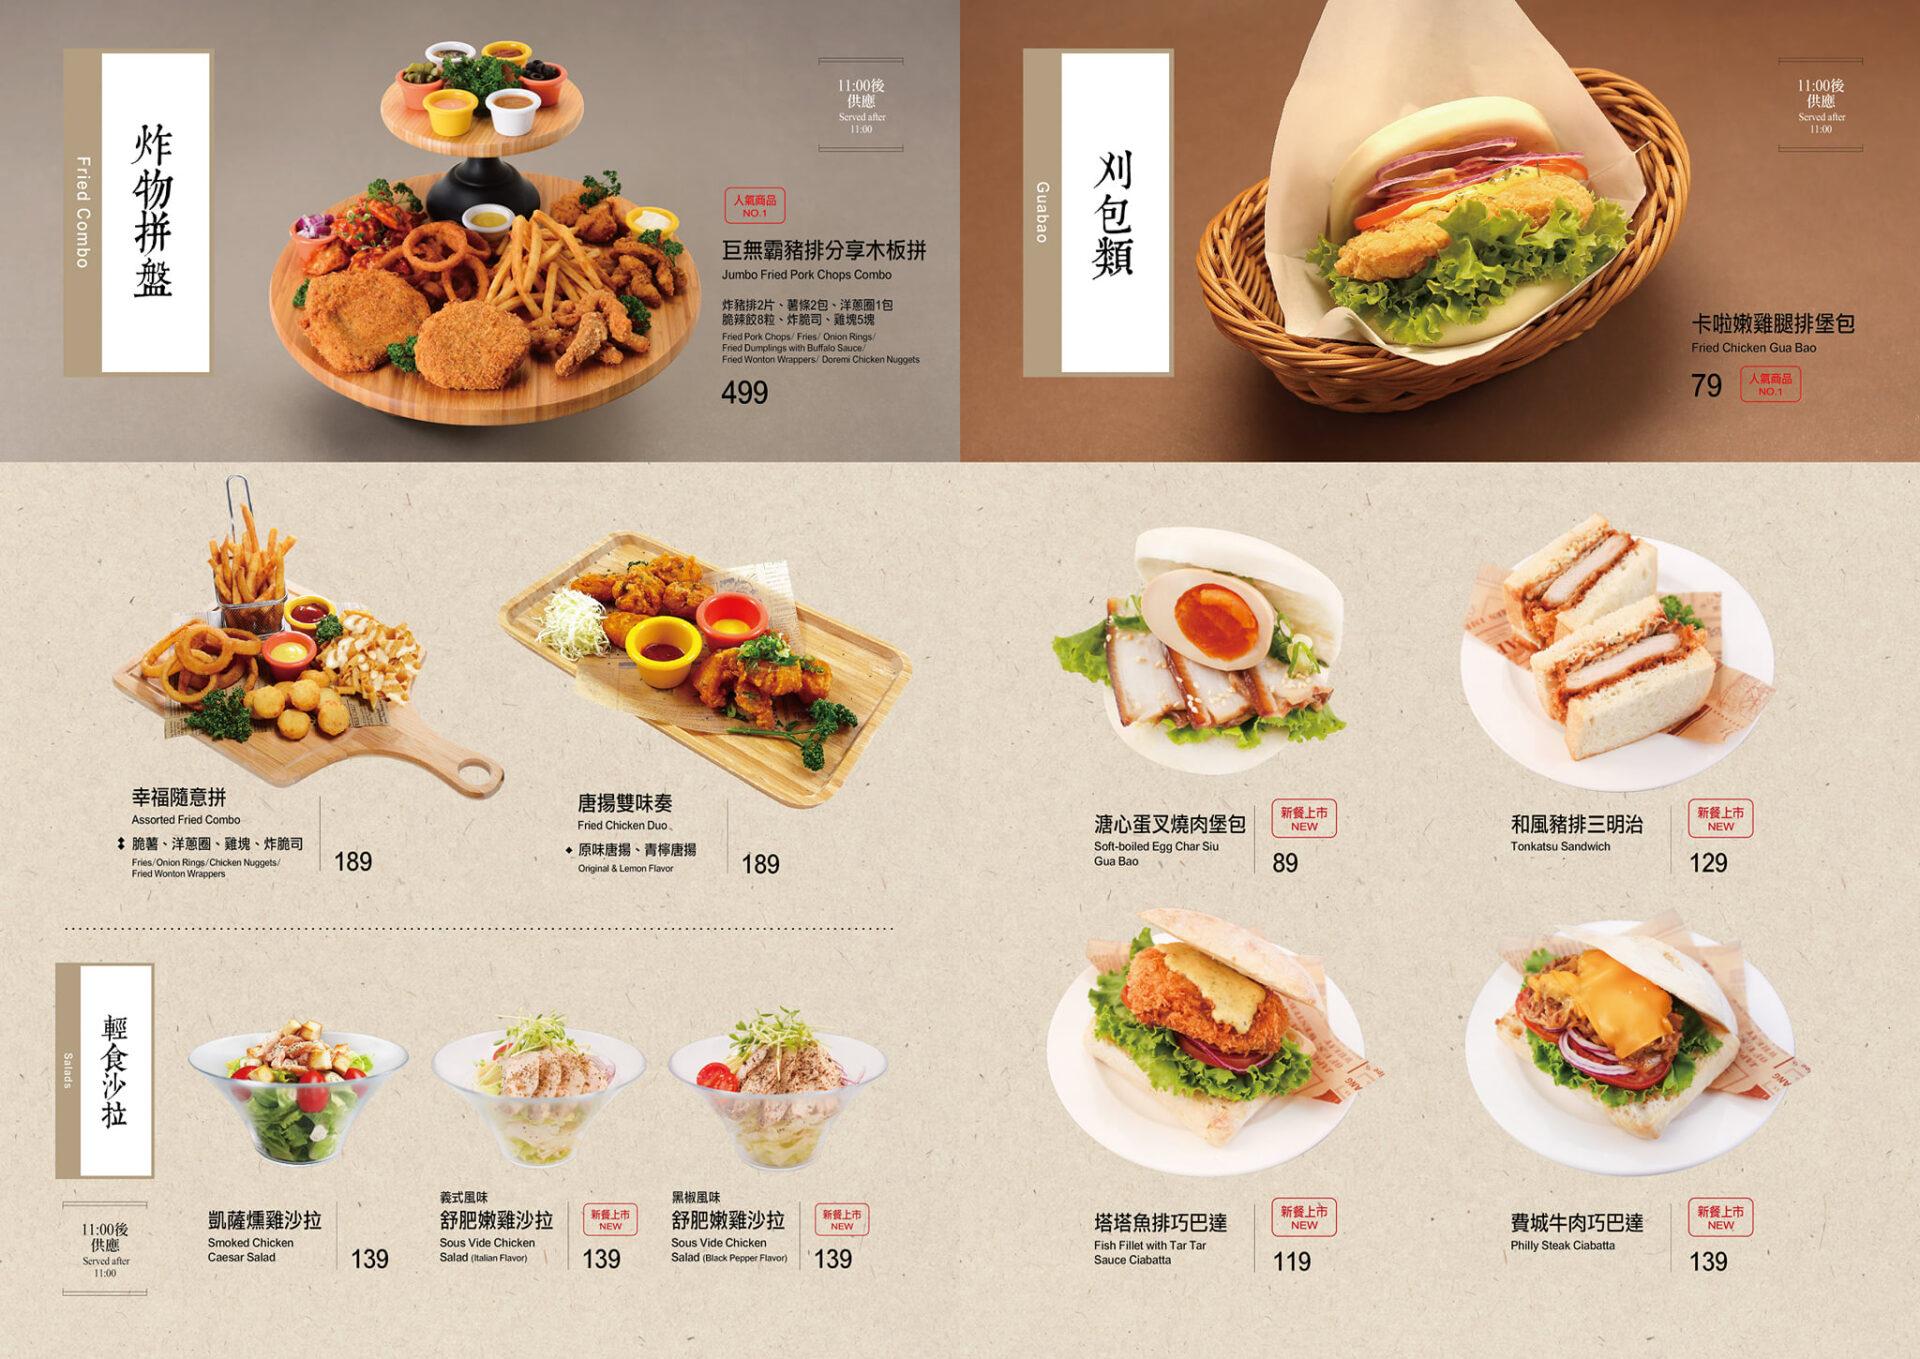 奇美食品幸福工廠菜單1